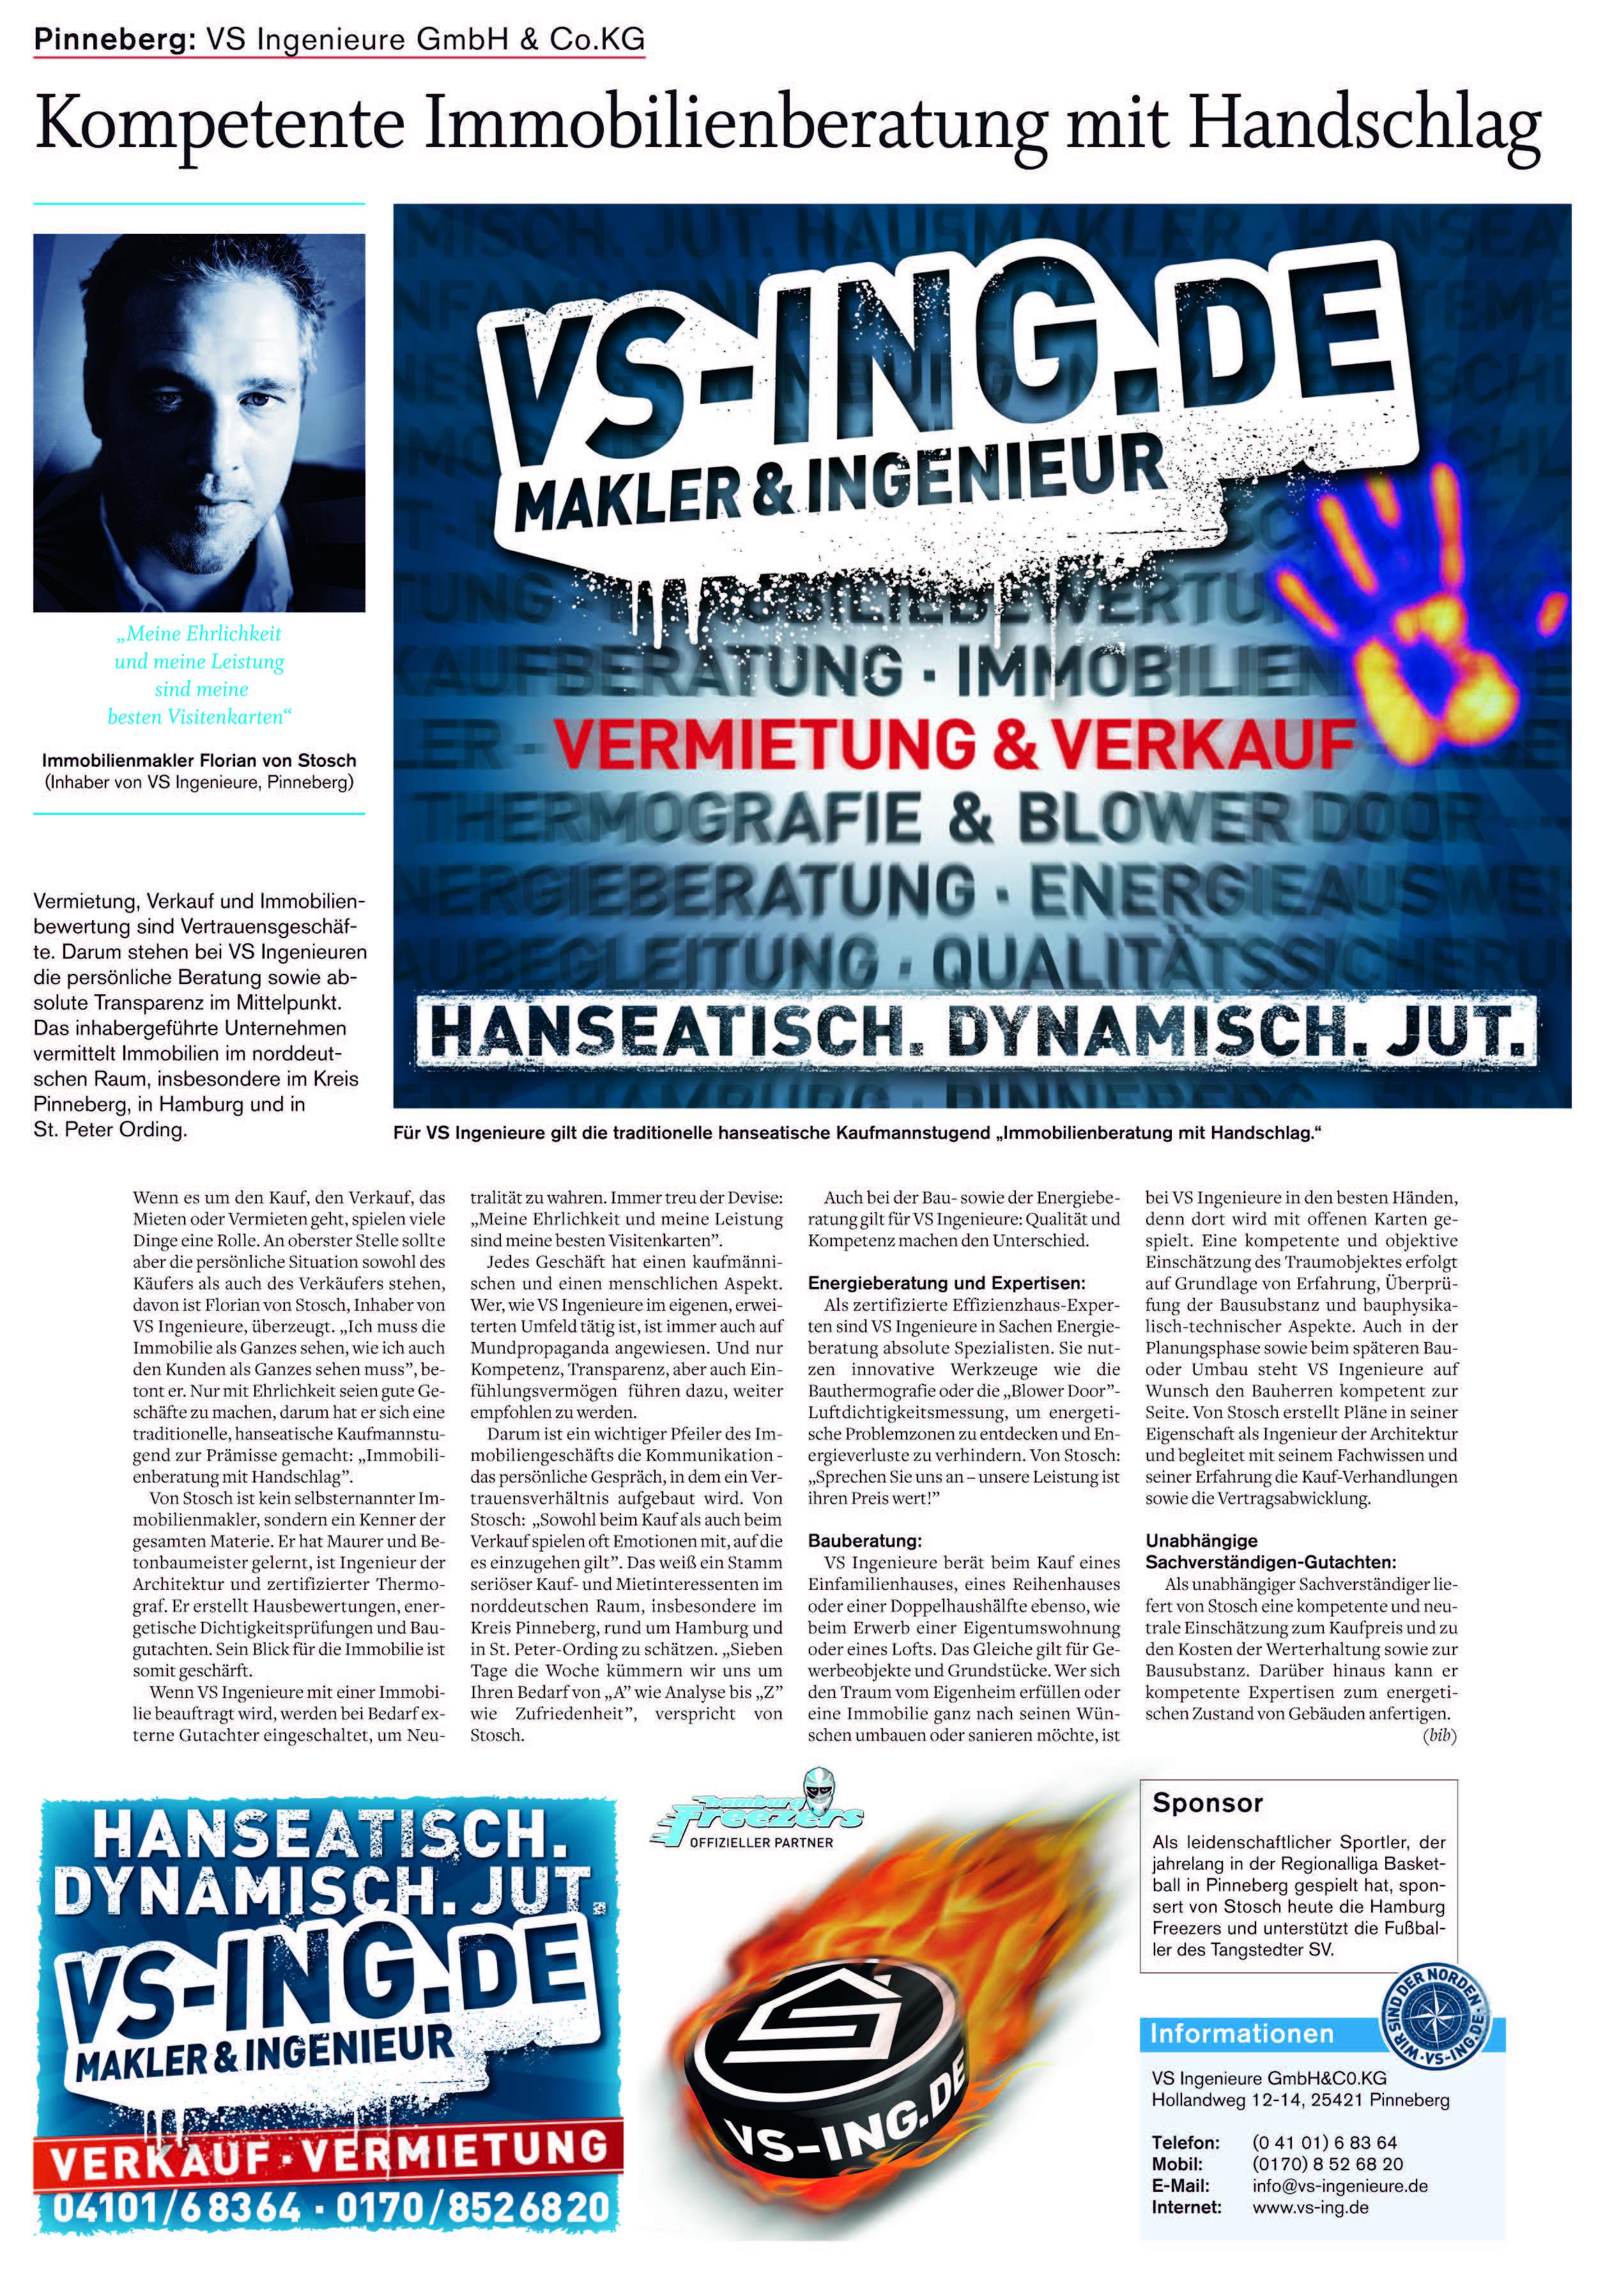 ImmobilienmaklerHamburg Pinneberg Elmshorn Verkauf Wohnung Immobilienberatung